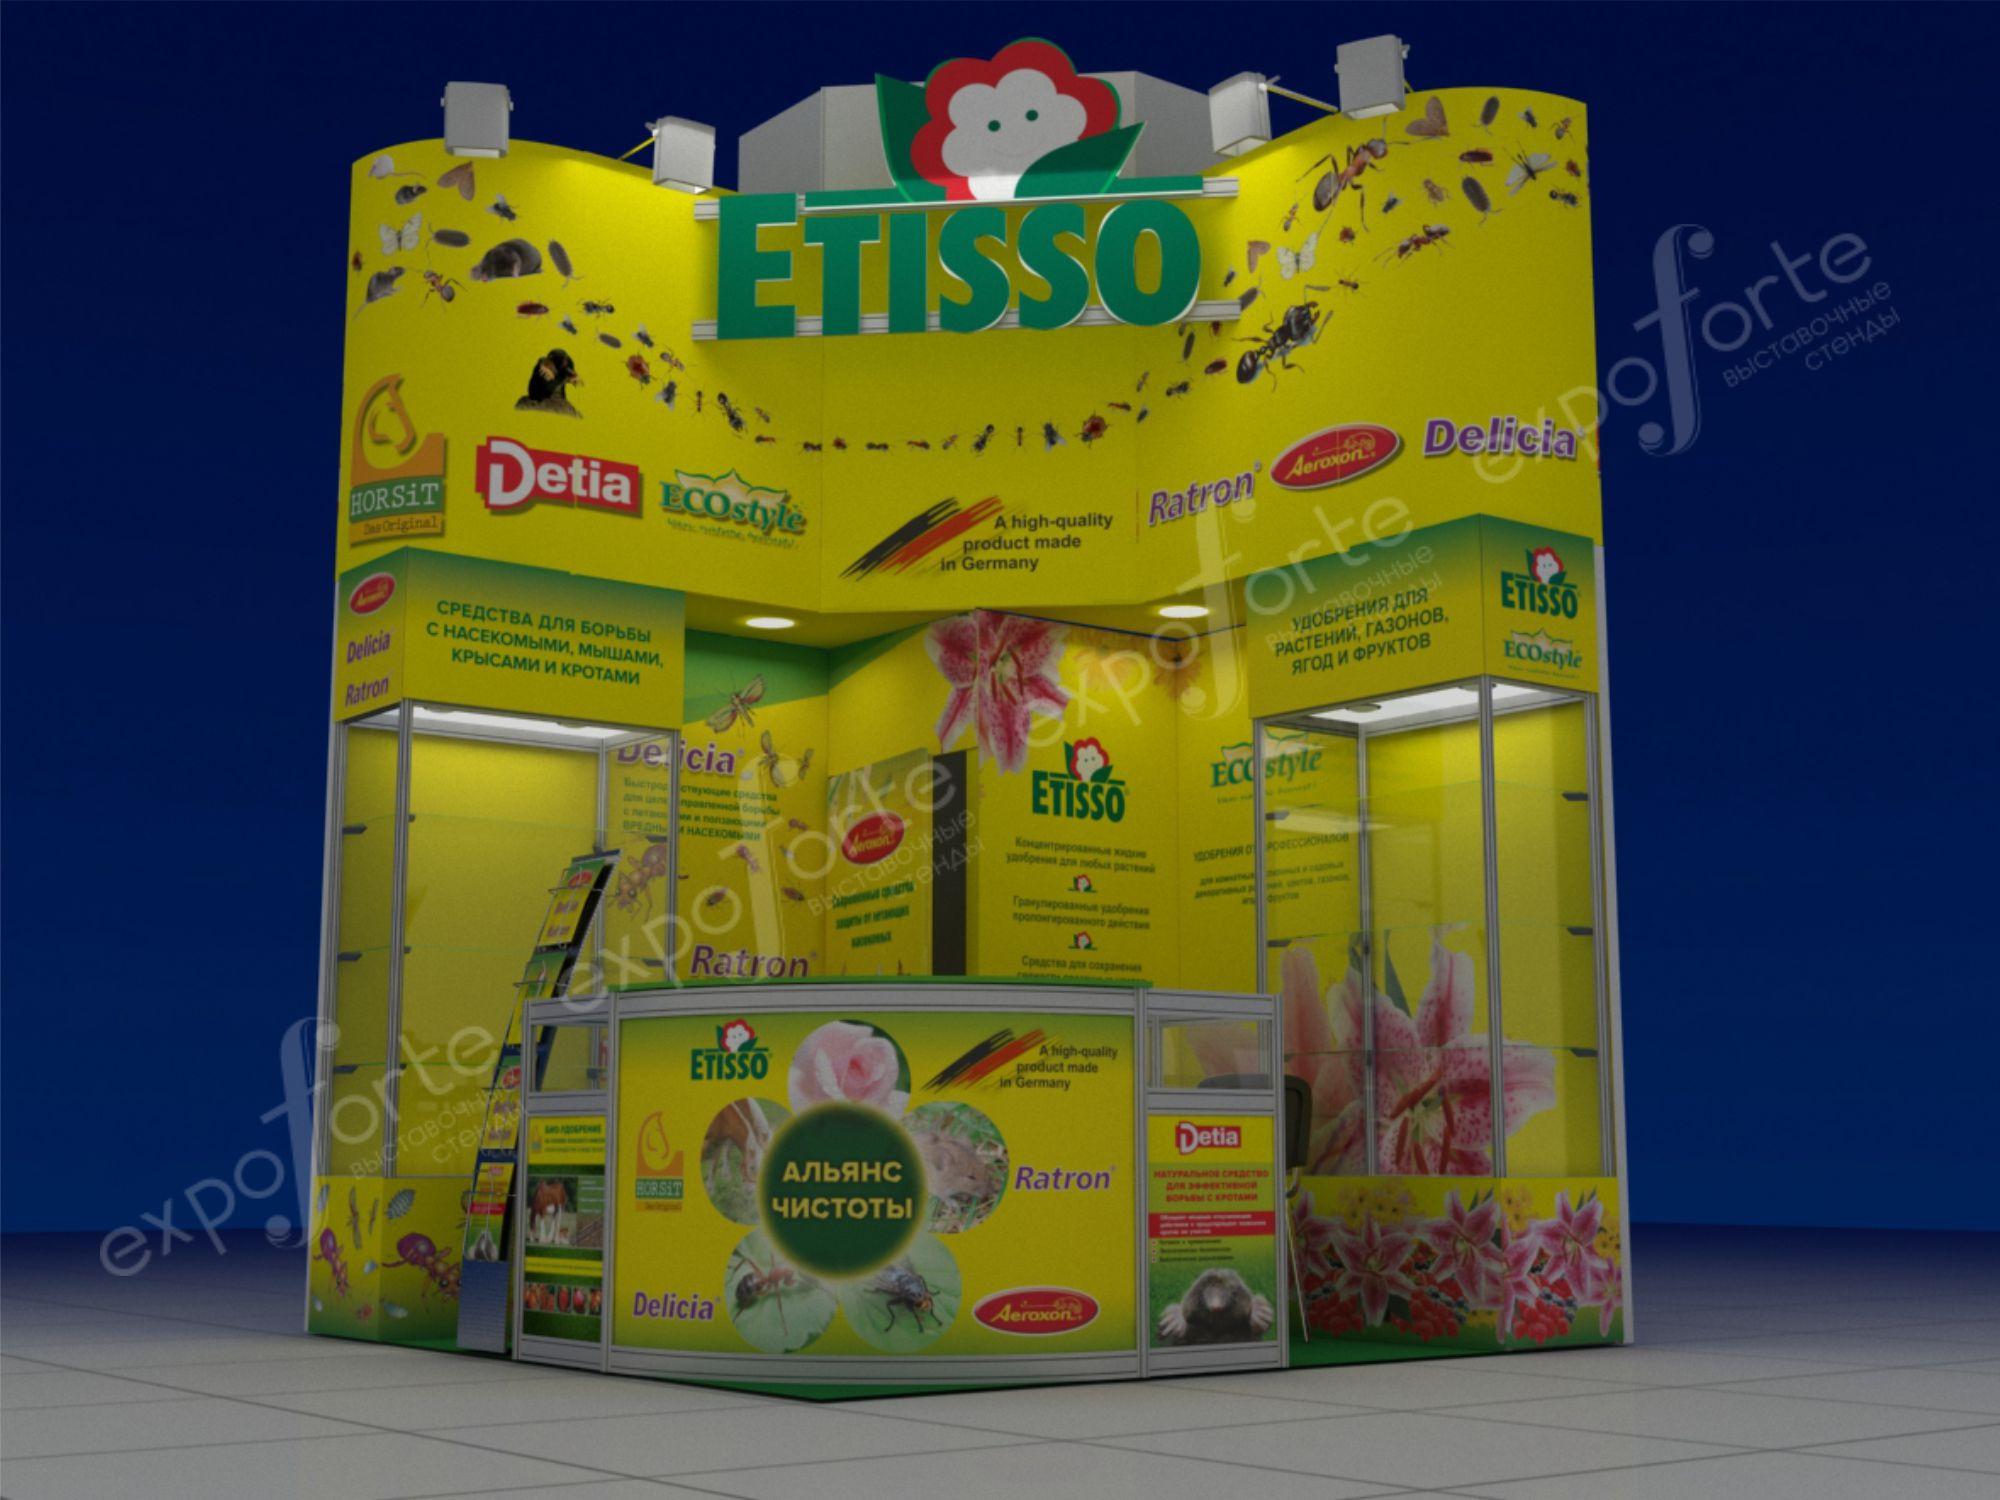 Фото: ETISSO, выставка ЦВЕТЫ – картинка 3